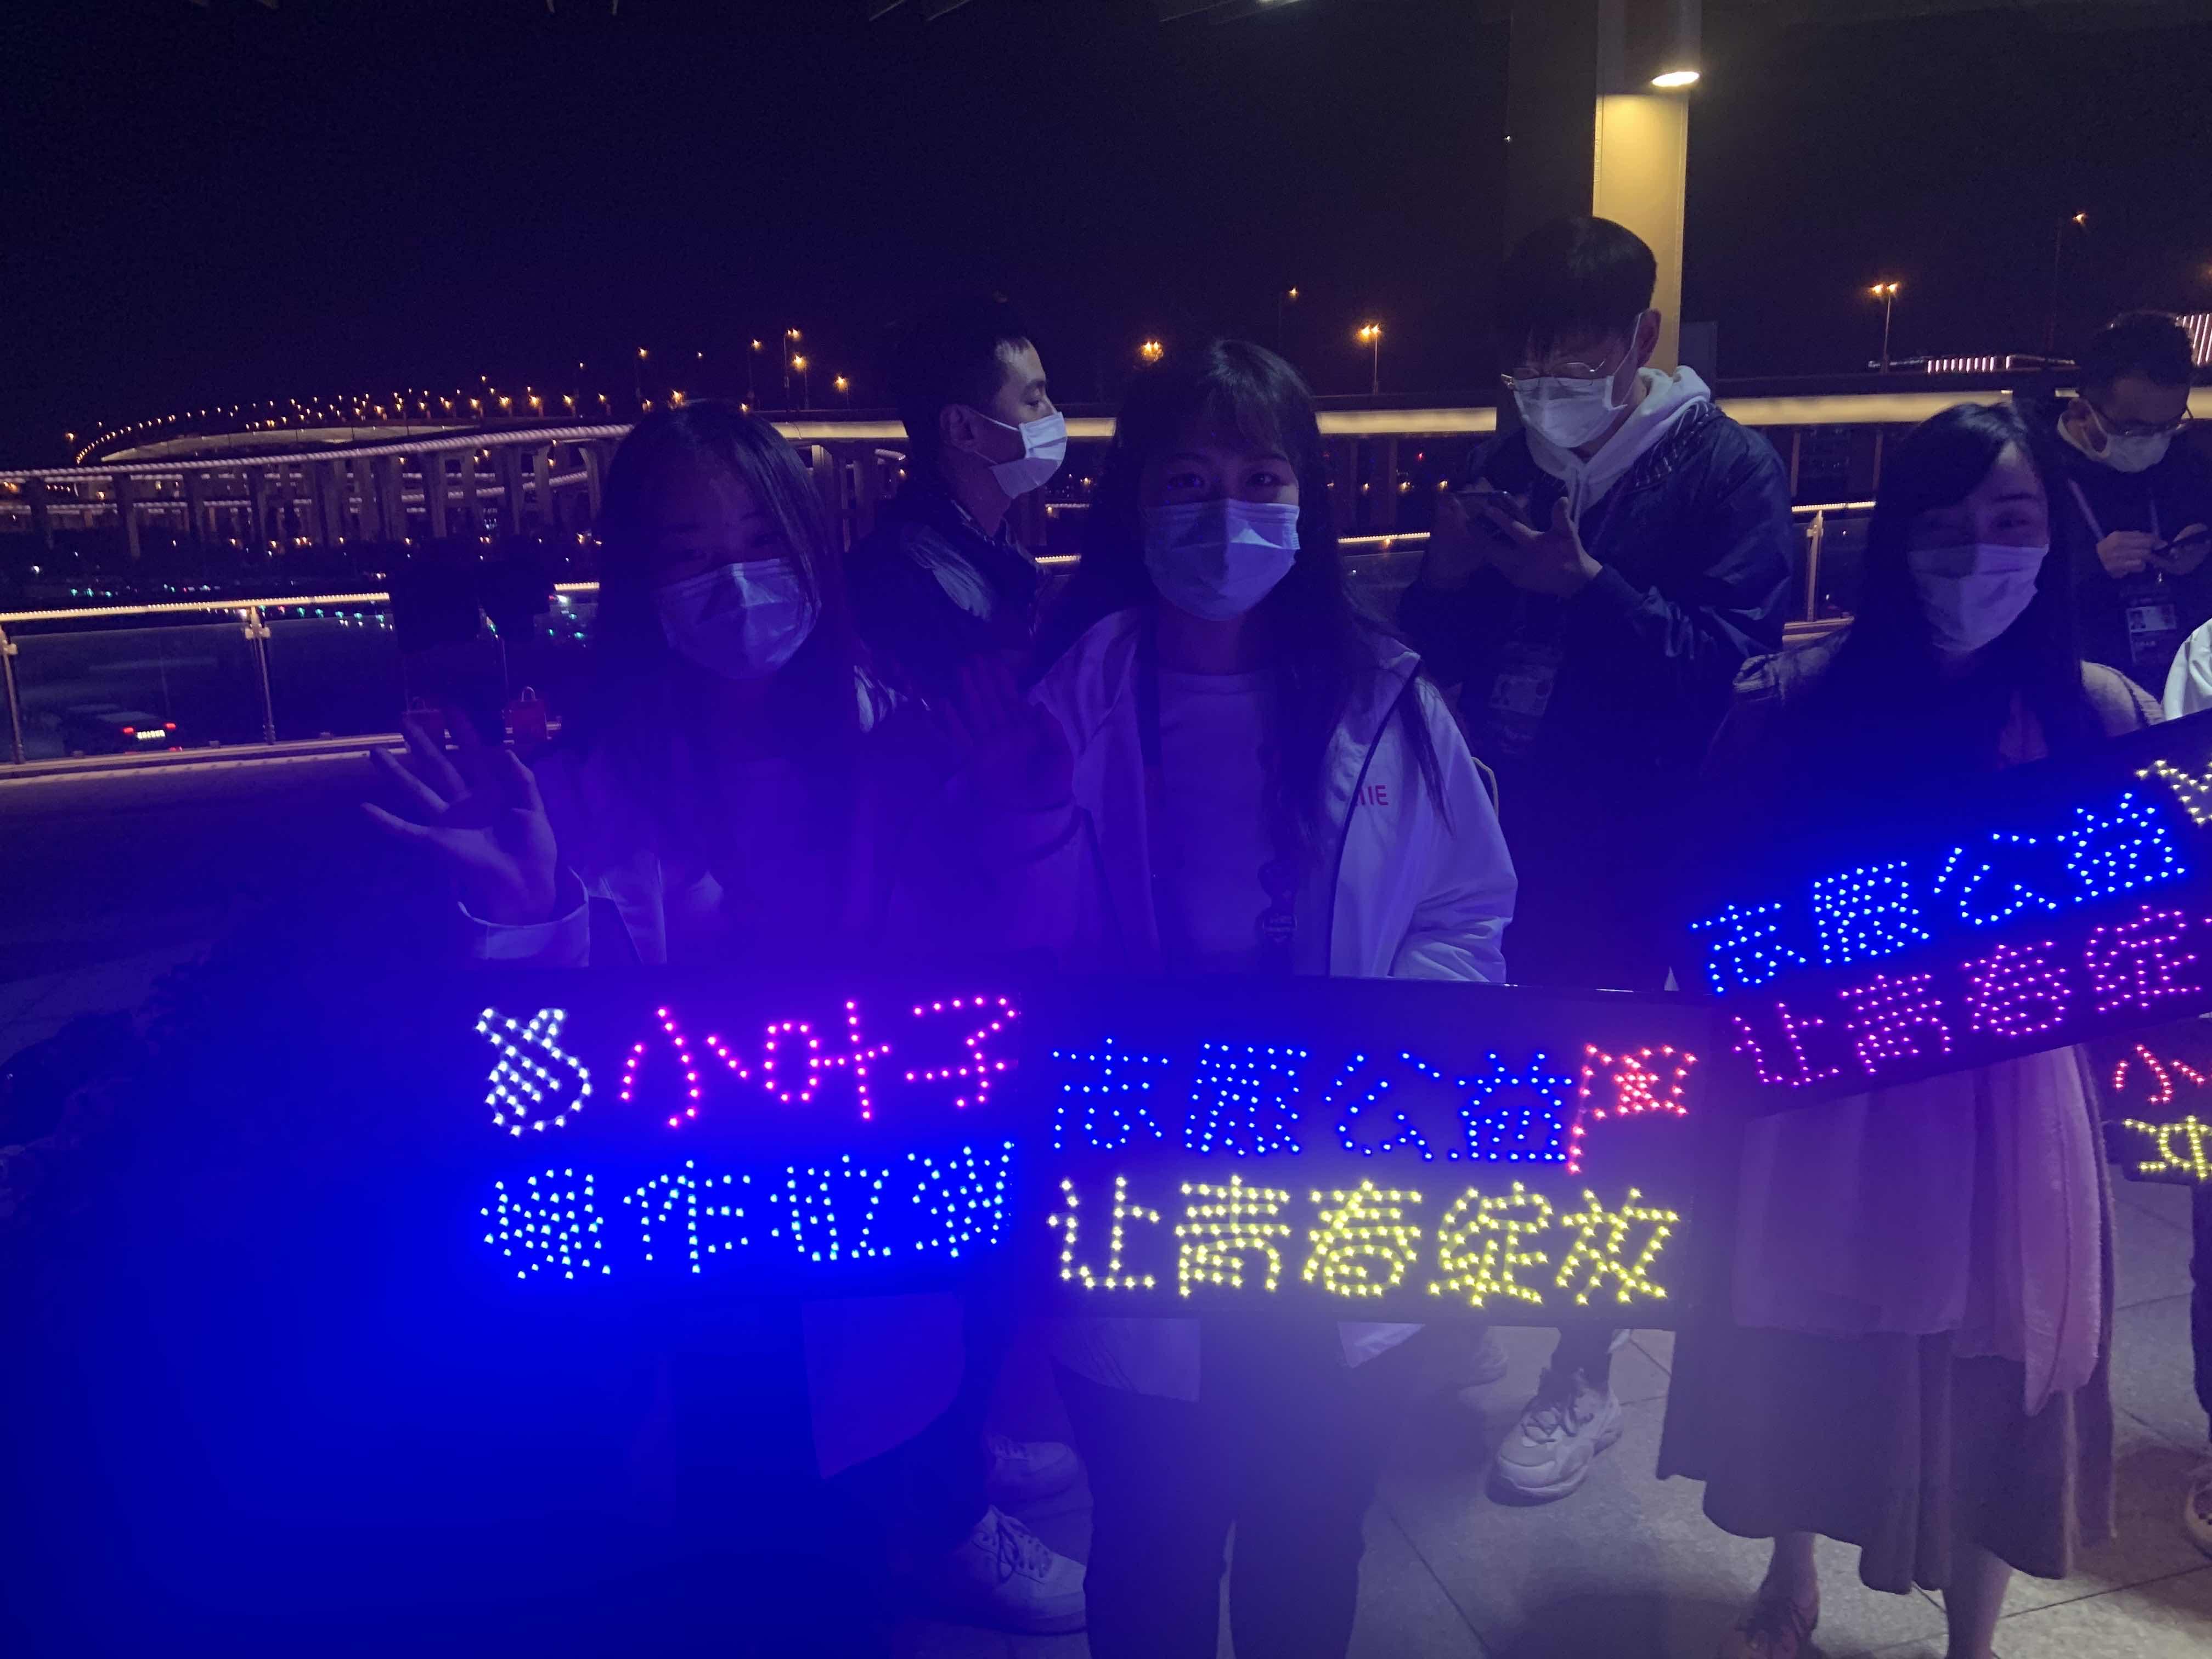 张逸婷(前排右一)和刘钰(前排左一)